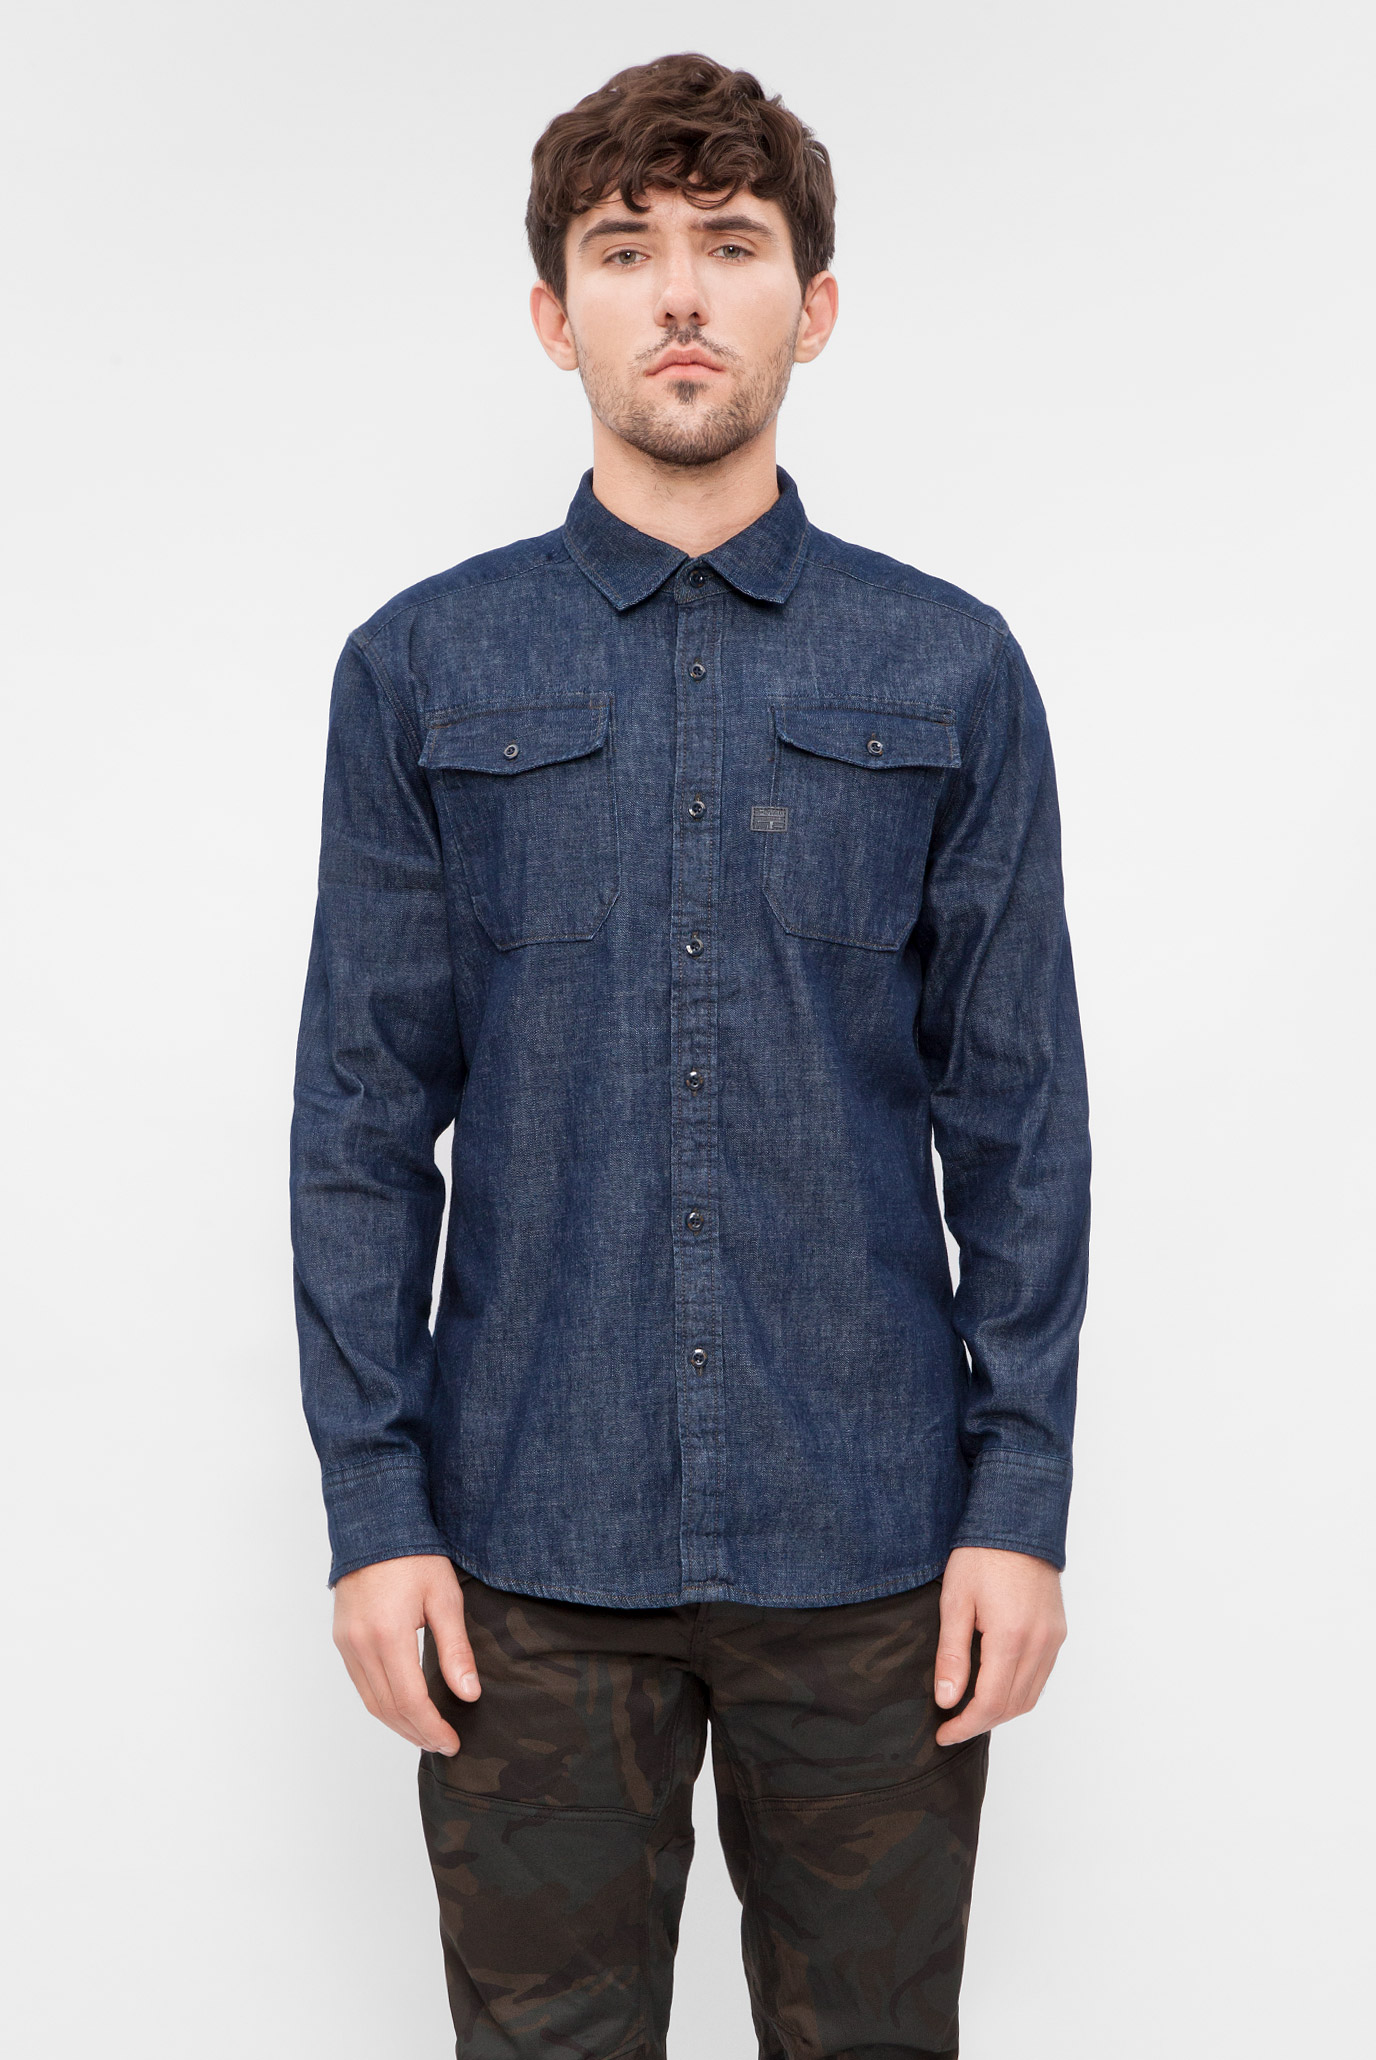 f1039dd7d1b Купить Мужская темно-синяя джинсовая рубашка G-Star RAW G-Star RAW  D04624